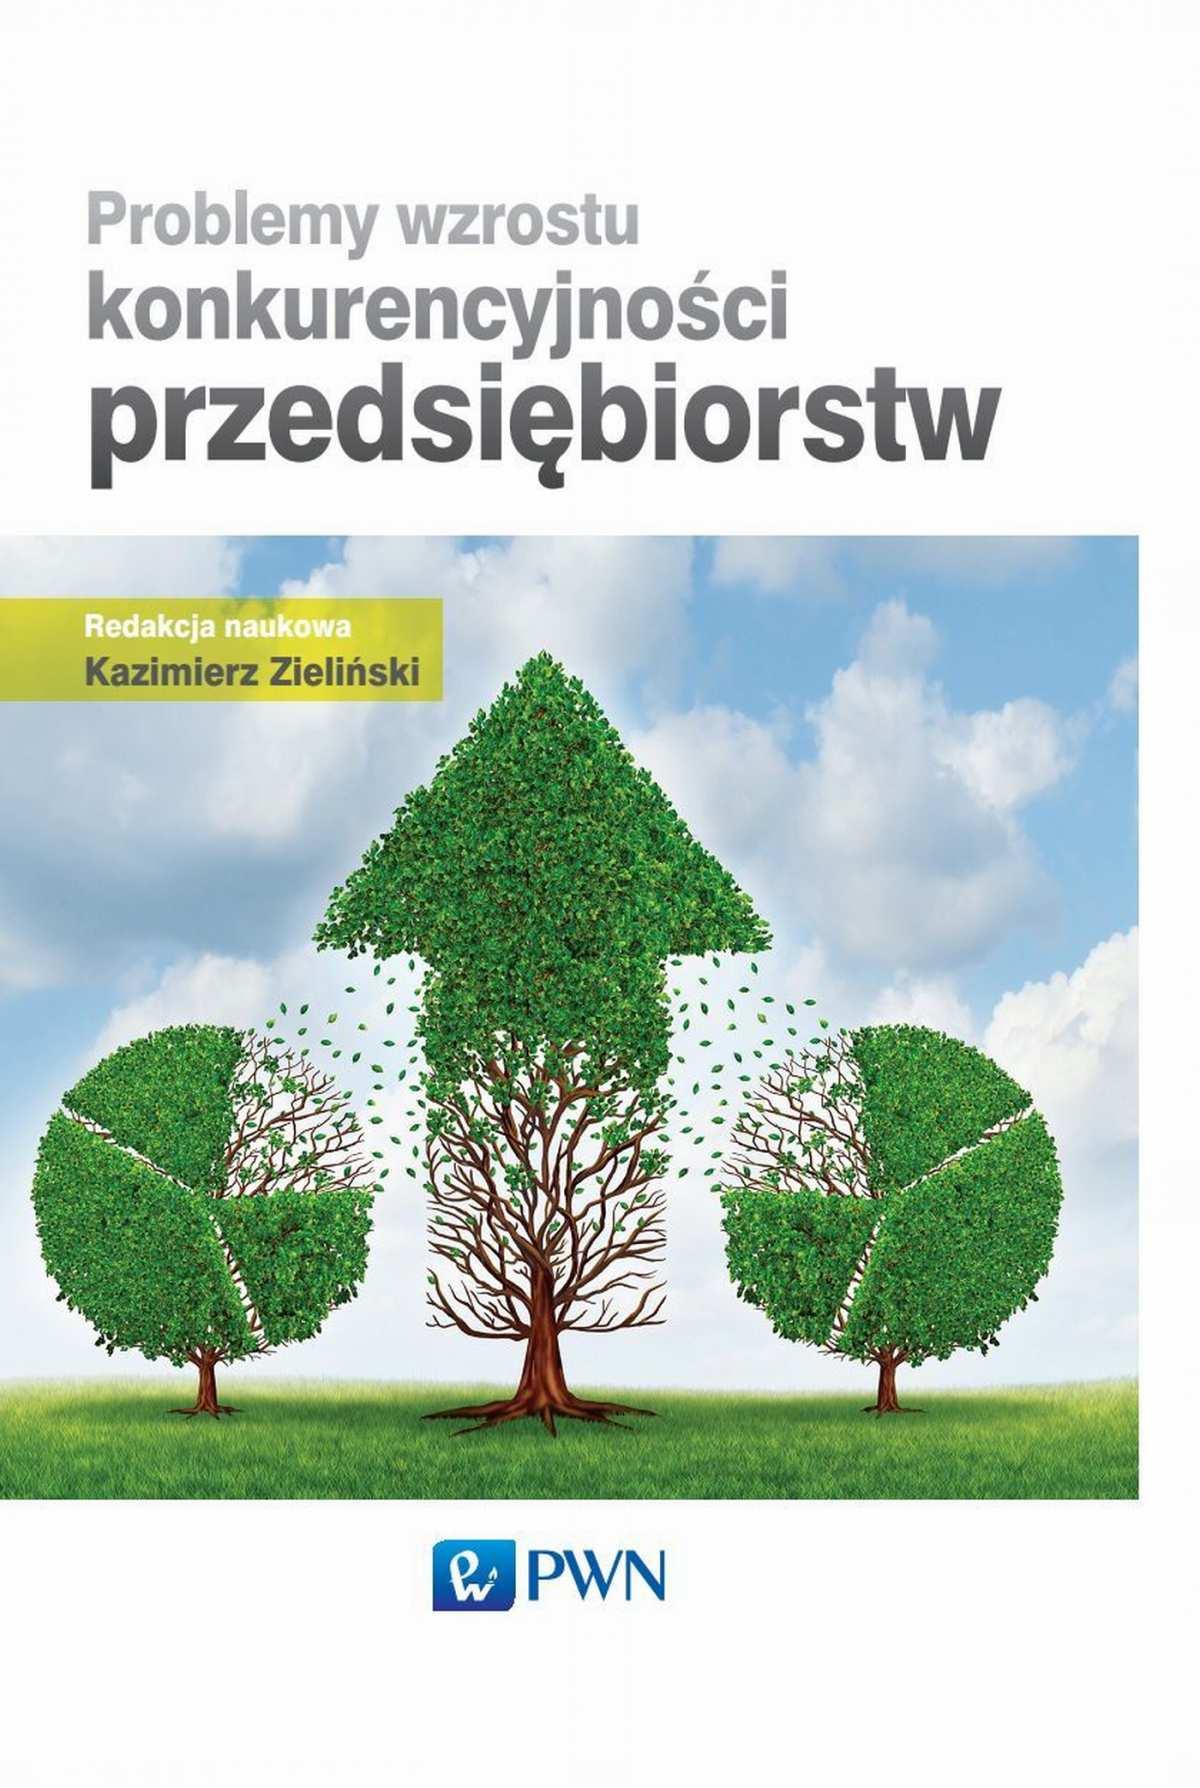 Problemy wzrostu konkurencyjności przedsiębiorstw - Ebook (Książka EPUB) do pobrania w formacie EPUB